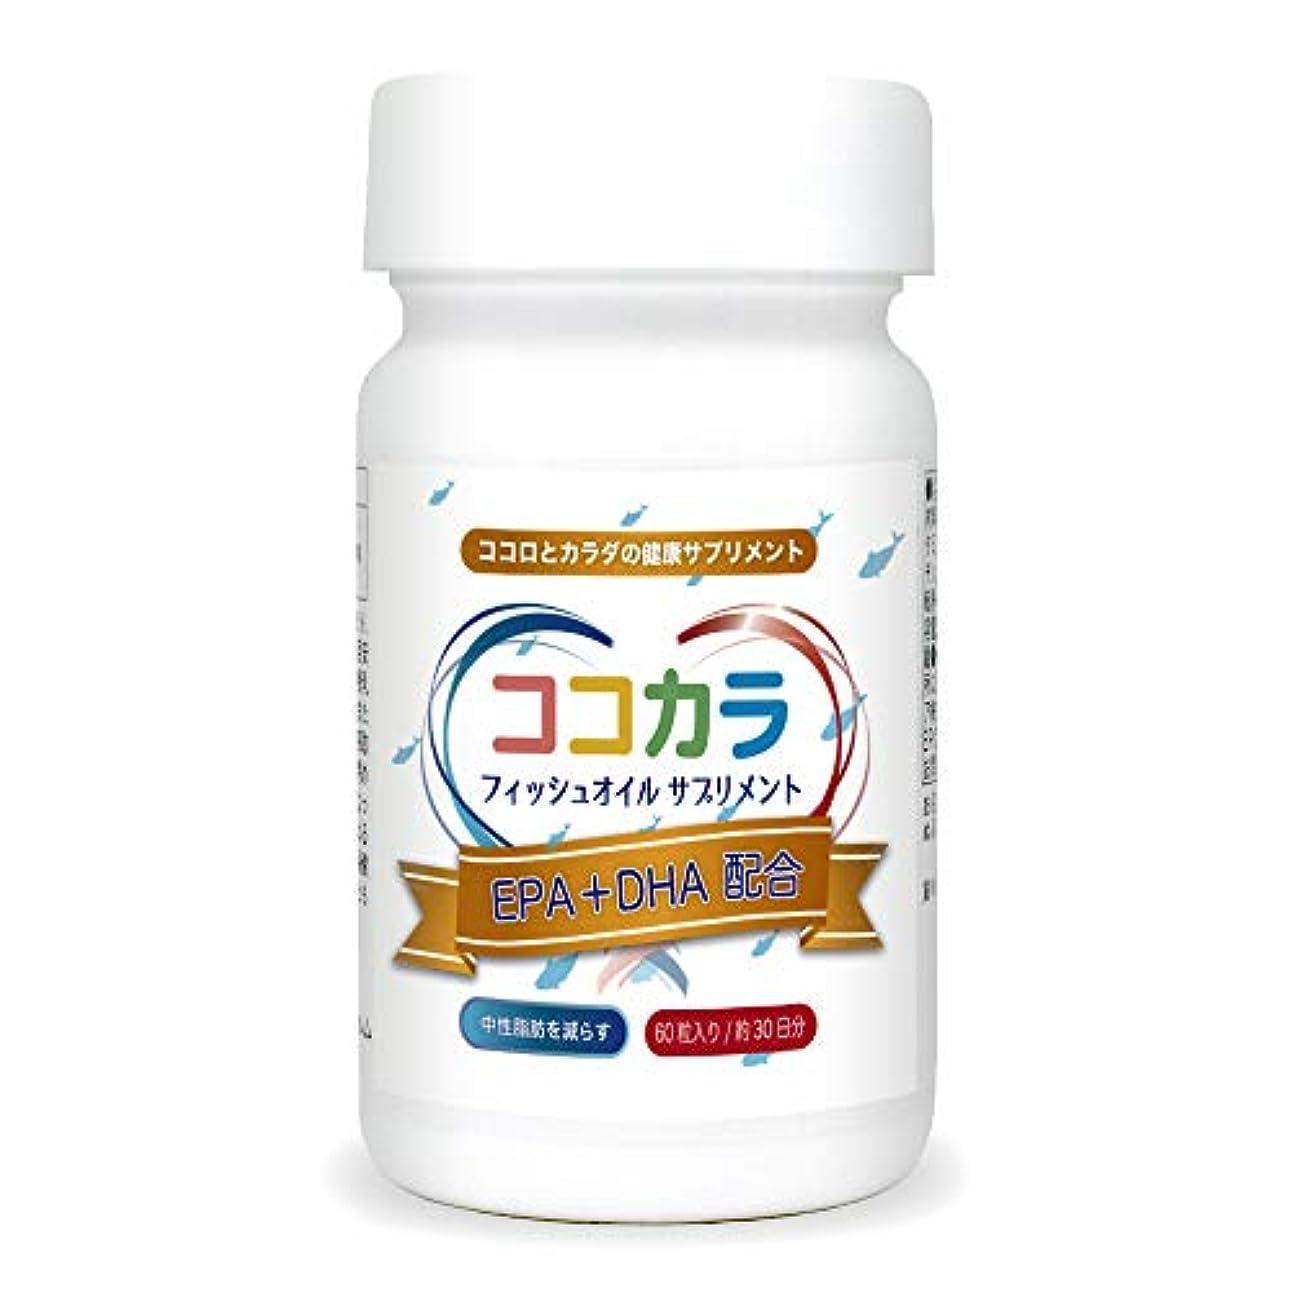 める宿題第九EPA&DHA配合 ココカラサプリ バイオメガ3 フィッシュオイル 中性脂肪対策(60カプセル1ヶ月分) (1)